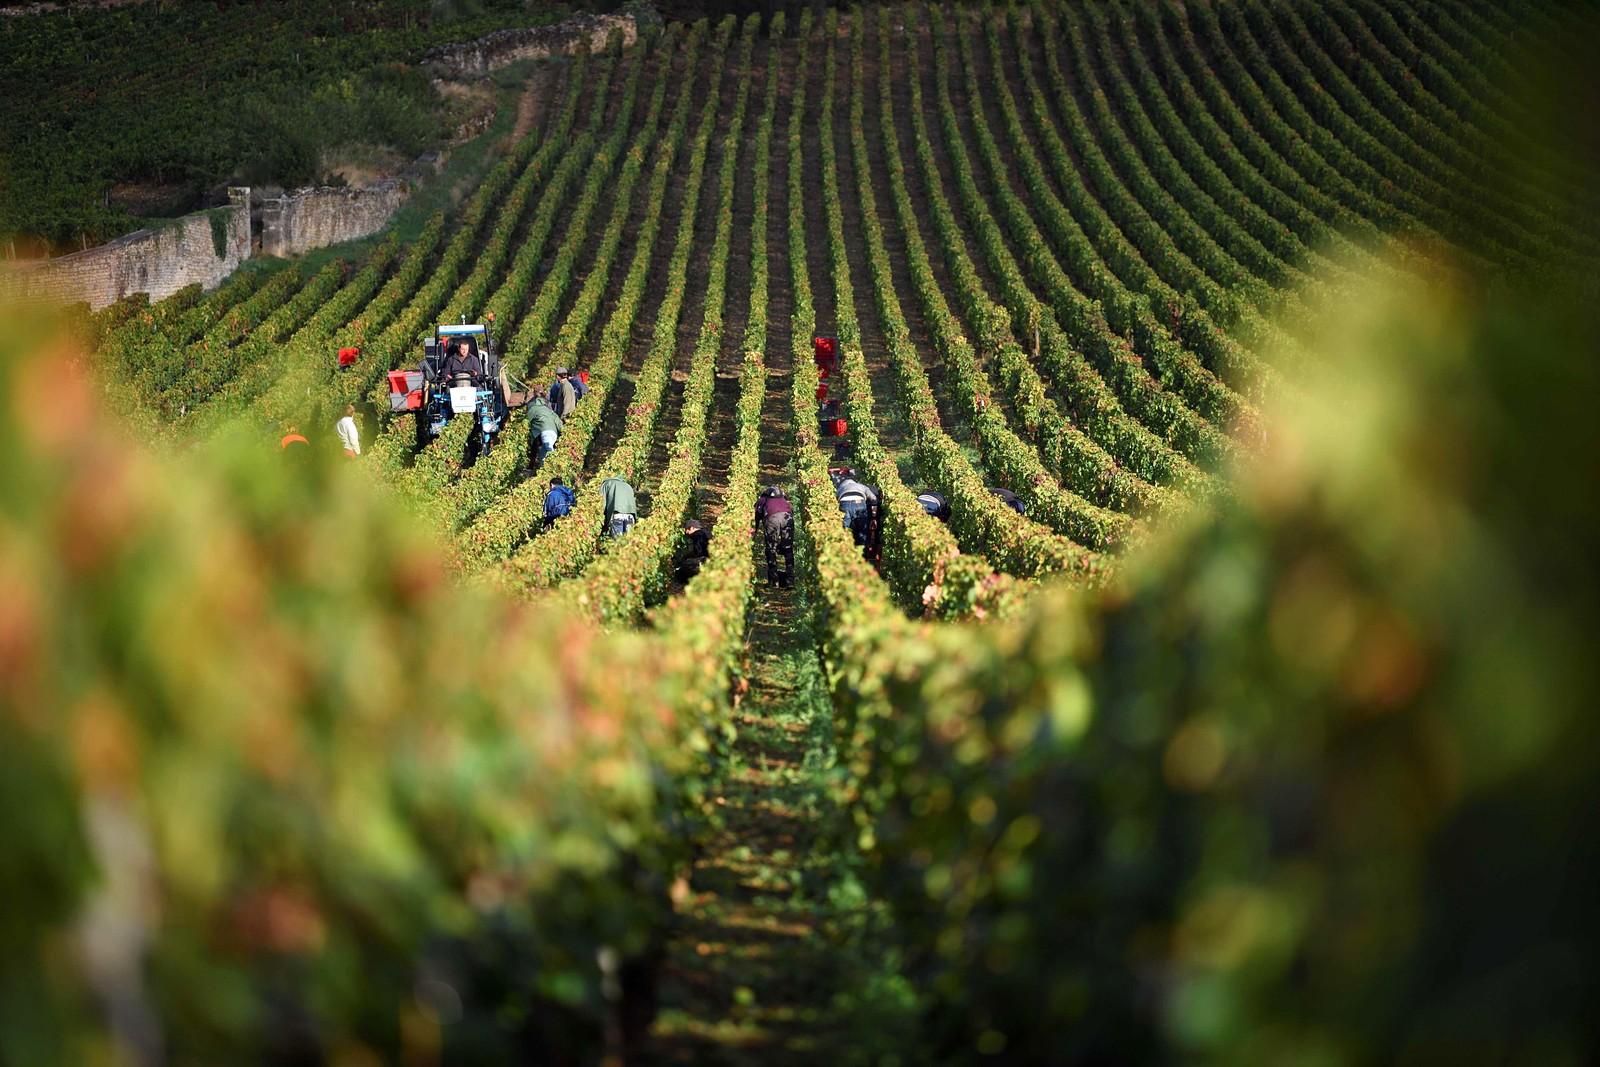 Vindrueplukkere høster druer ved vingården til Domain Armand Rousseau i Gevrey-Chambertin i Frankrike.